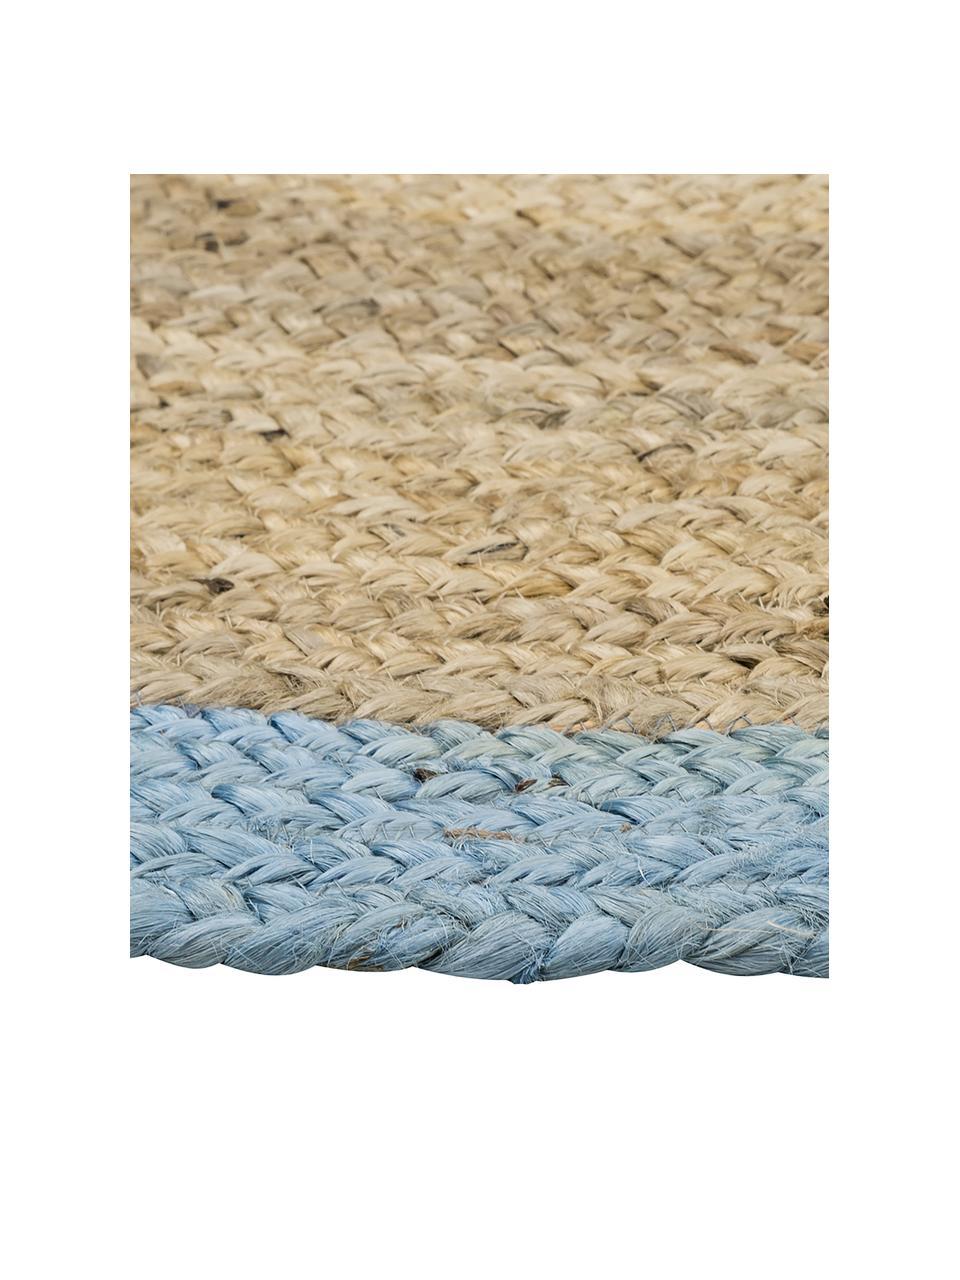 Runder Jute-Teppich Shanta mit blauem Rand, handgefertigt, 100% Jute, Jute, Taubenblau, Ø 100 cm (Größe XS)